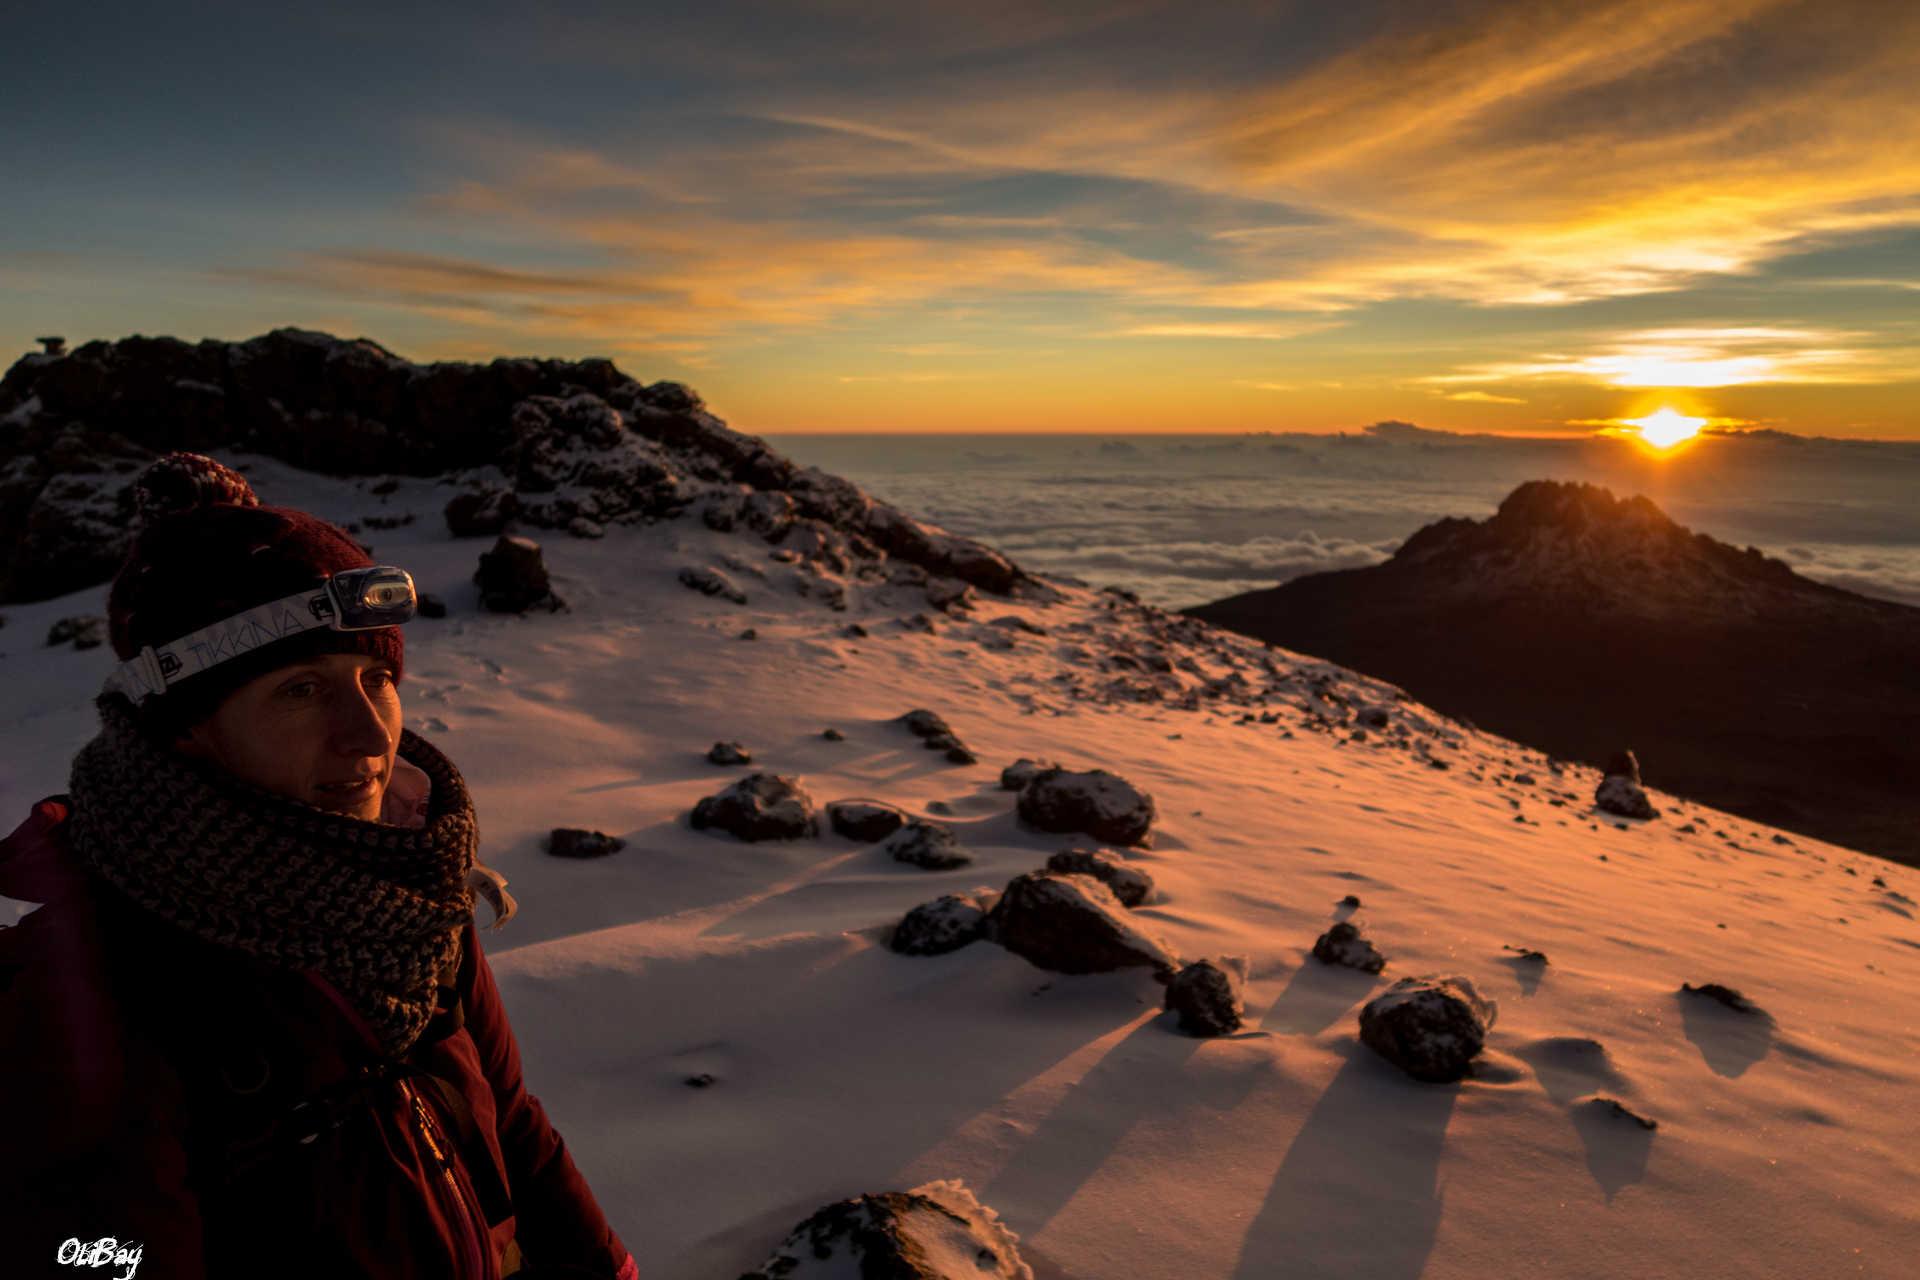 Le souvenir gravé du lever de soleil sur le Kili